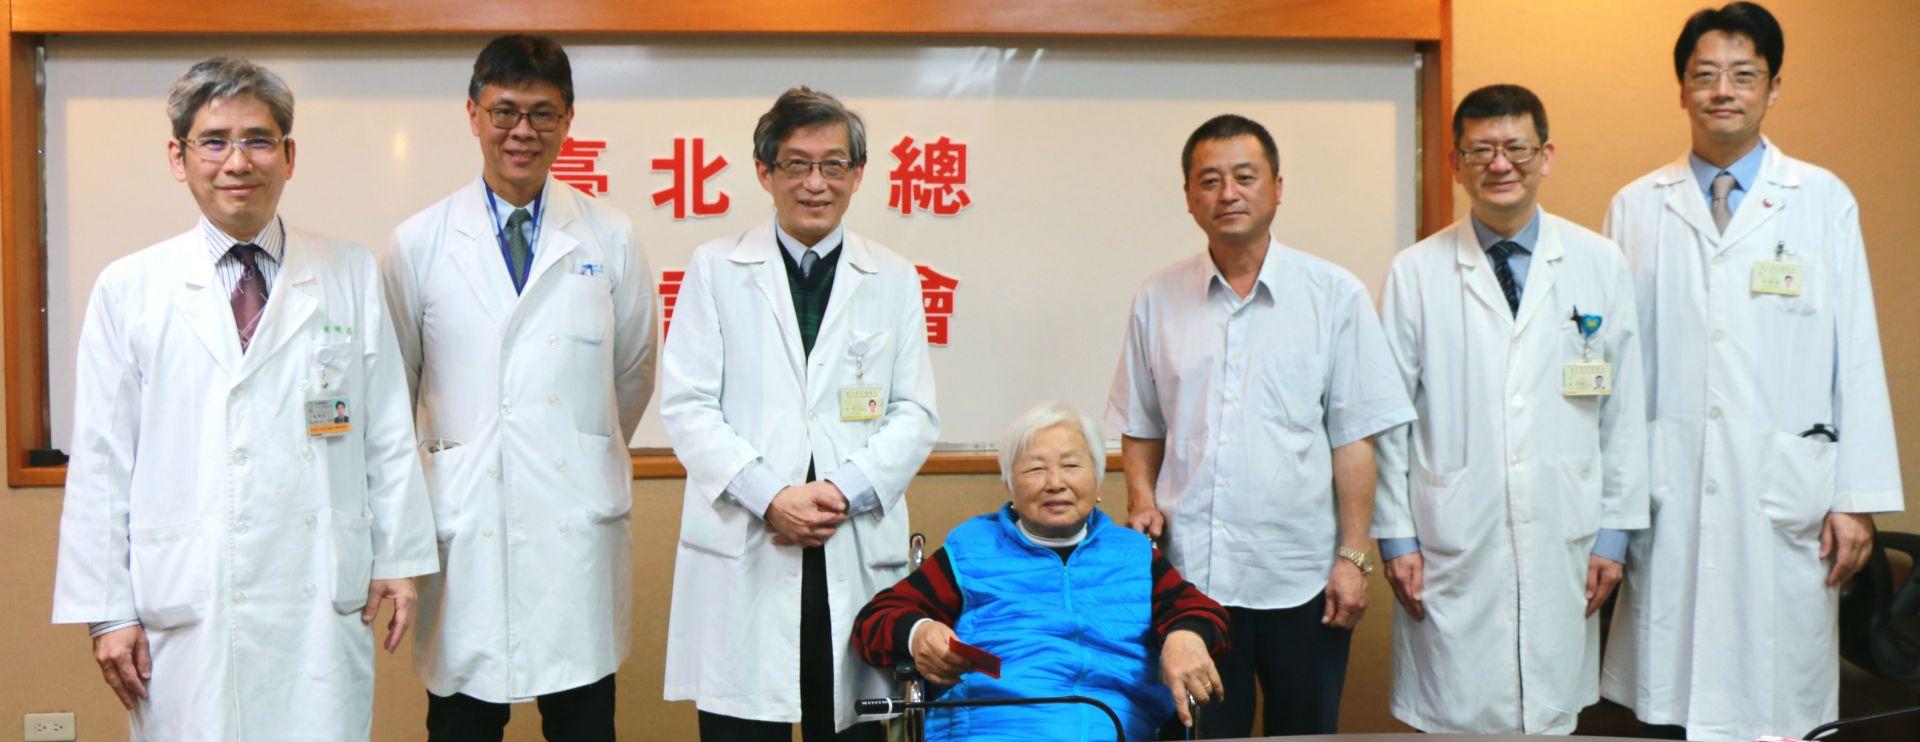 先動心臟手術,再治大腸癌 成功搶救七旬婦人